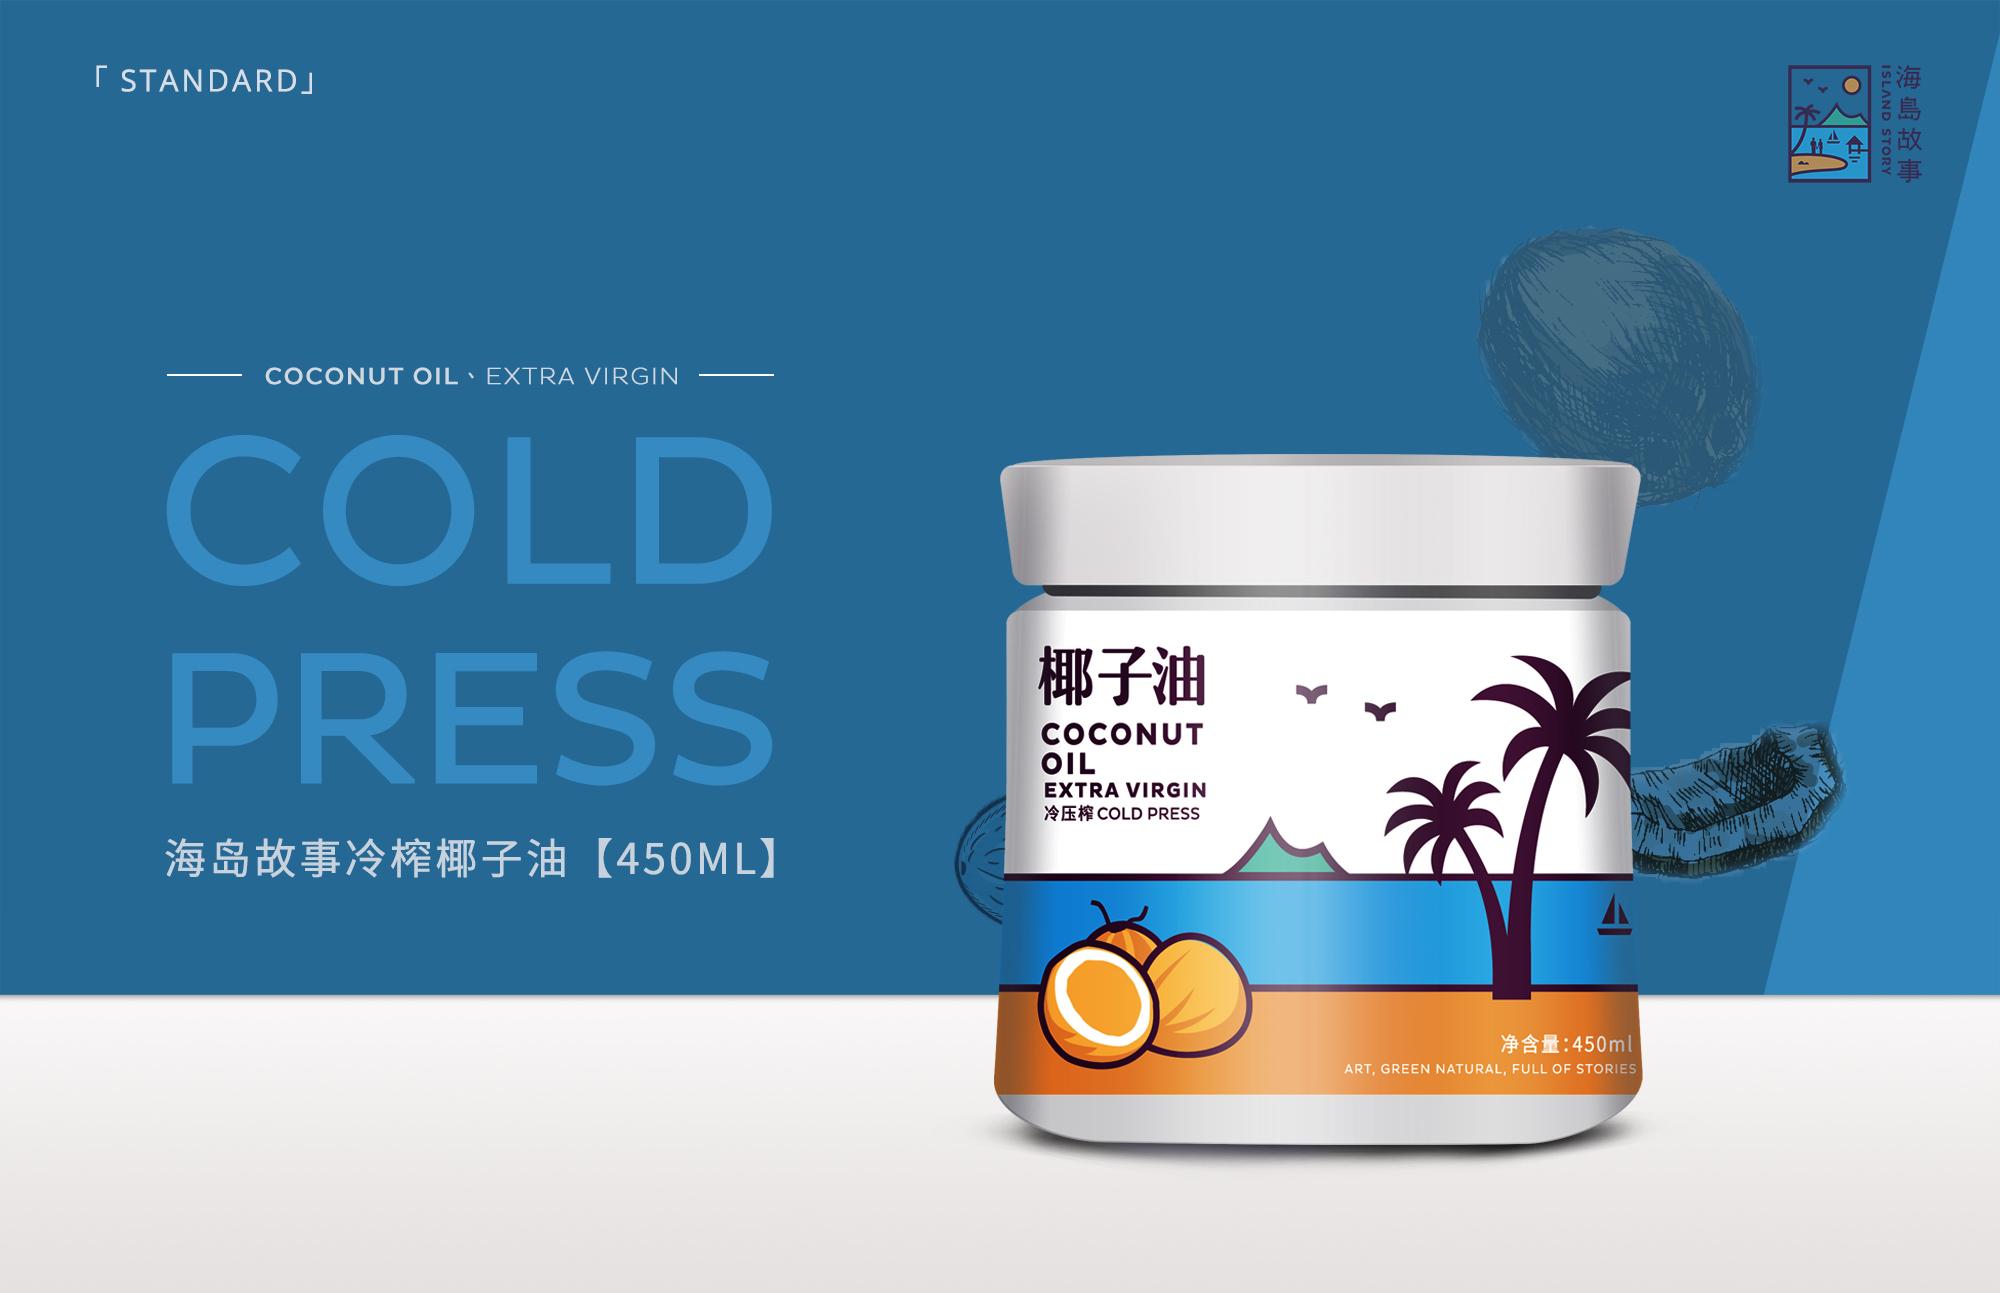 冷压榨椰子油